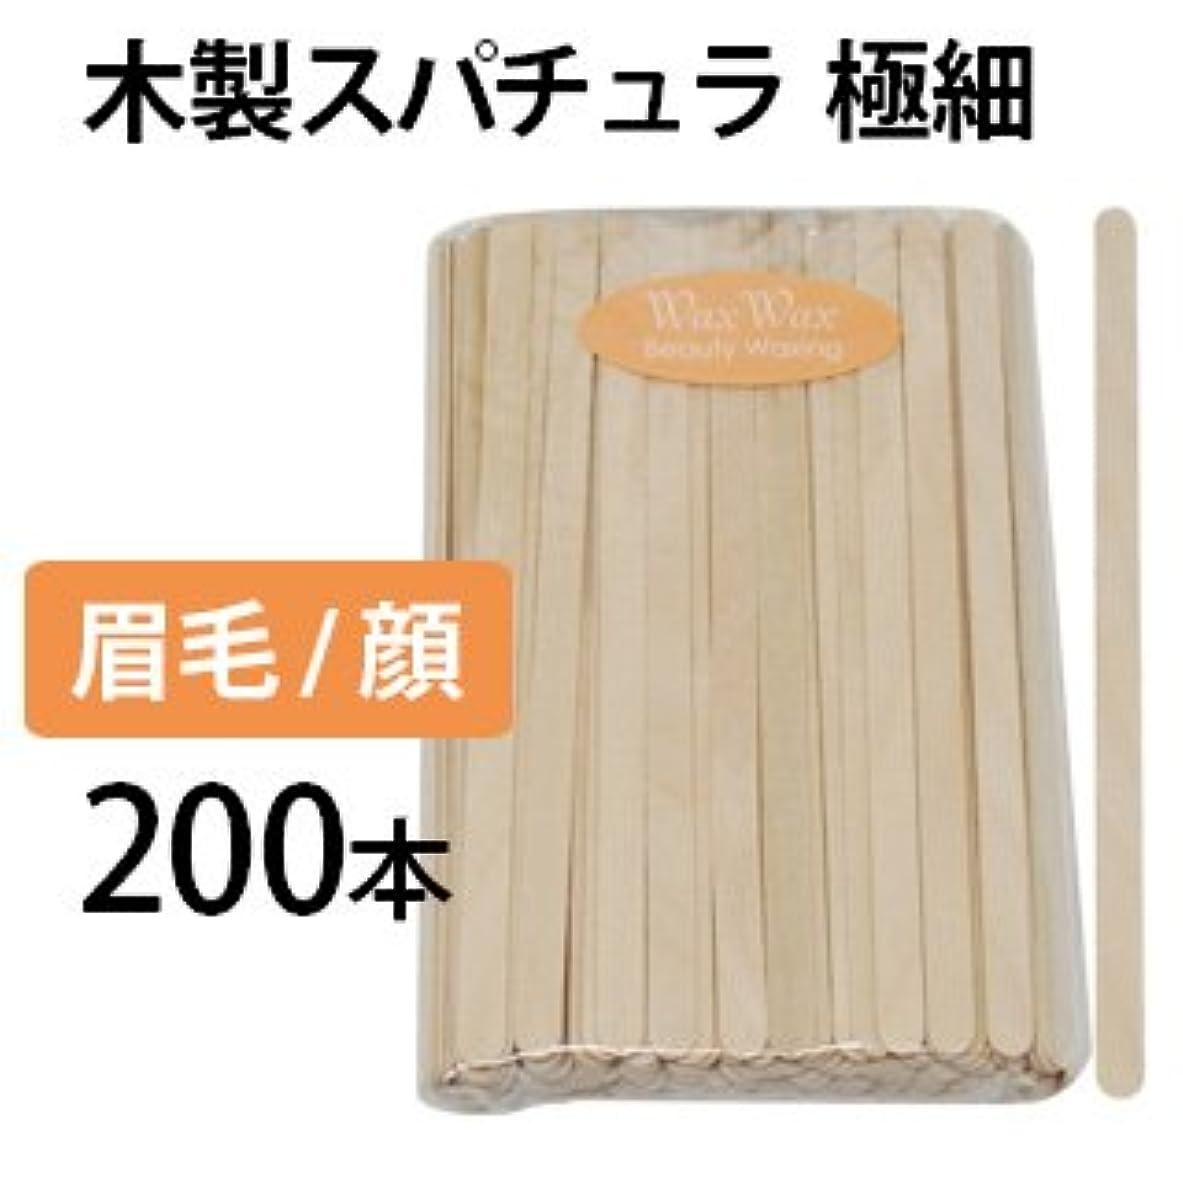 愛情深いブロックする不安眉毛 アイブロウ用スパチュラ 200本セット 極細 木製スパチュラ 使い捨て